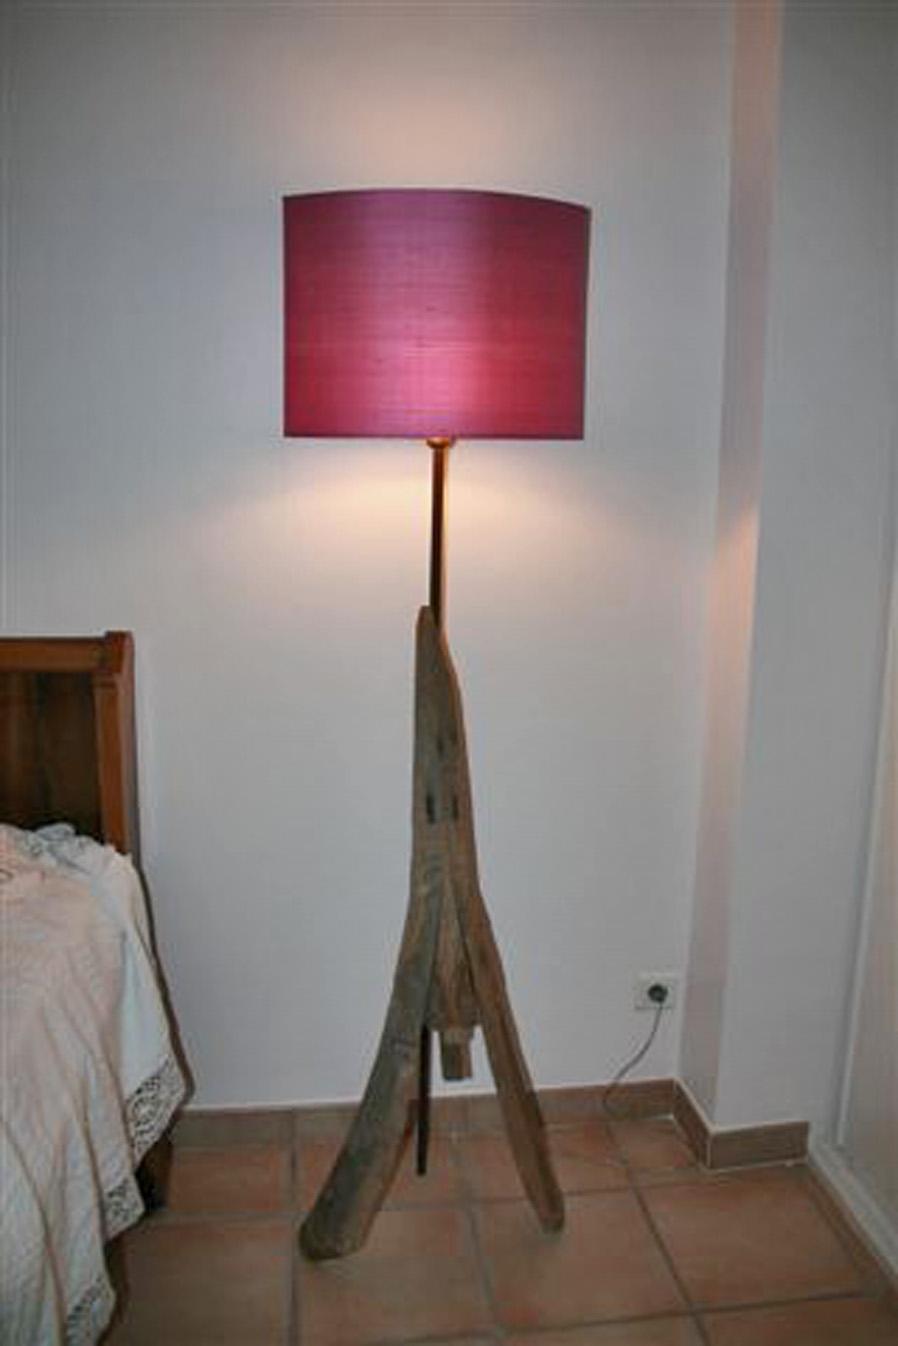 abat jour ovale a bouts pointus 01 les abat jour sur mesure de l 39 atelier du chat qui veille. Black Bedroom Furniture Sets. Home Design Ideas